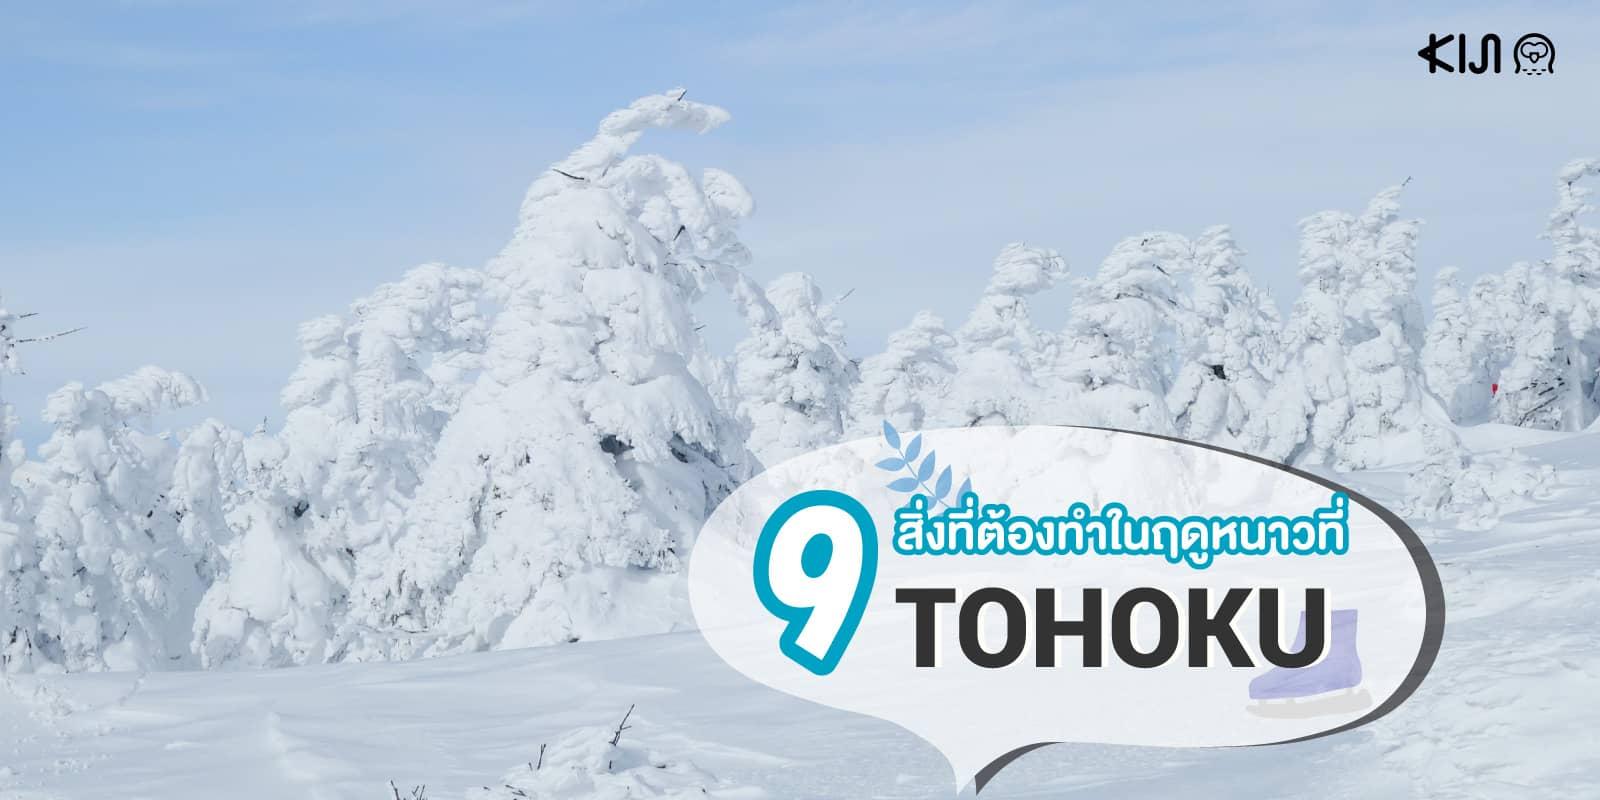 สิ่งที่ต้องทำใน ฤดูหนาว ที่โ ทโฮคุ